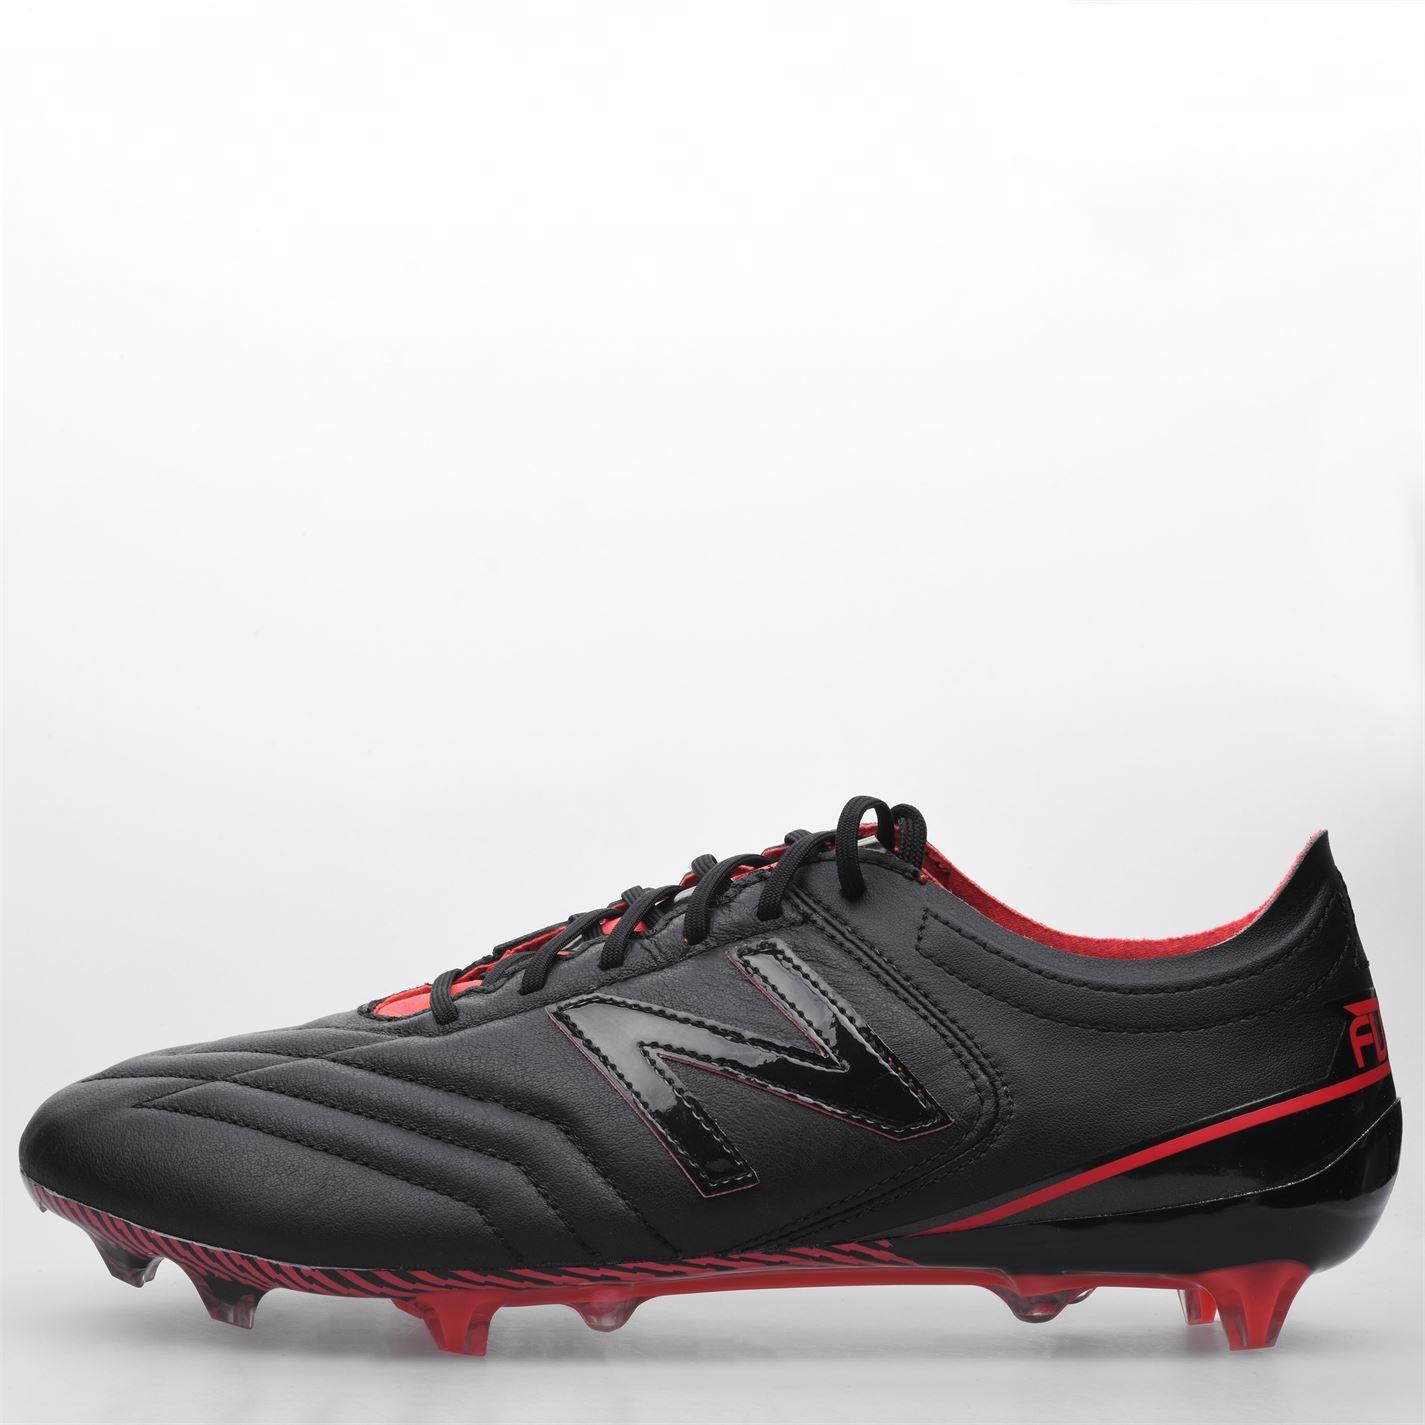 miniature 7 - New-Balance-Furon-3-0-K-cuir-homme-FG-Firm-Ground-Chaussures-De-Football-Soccer-Crampons